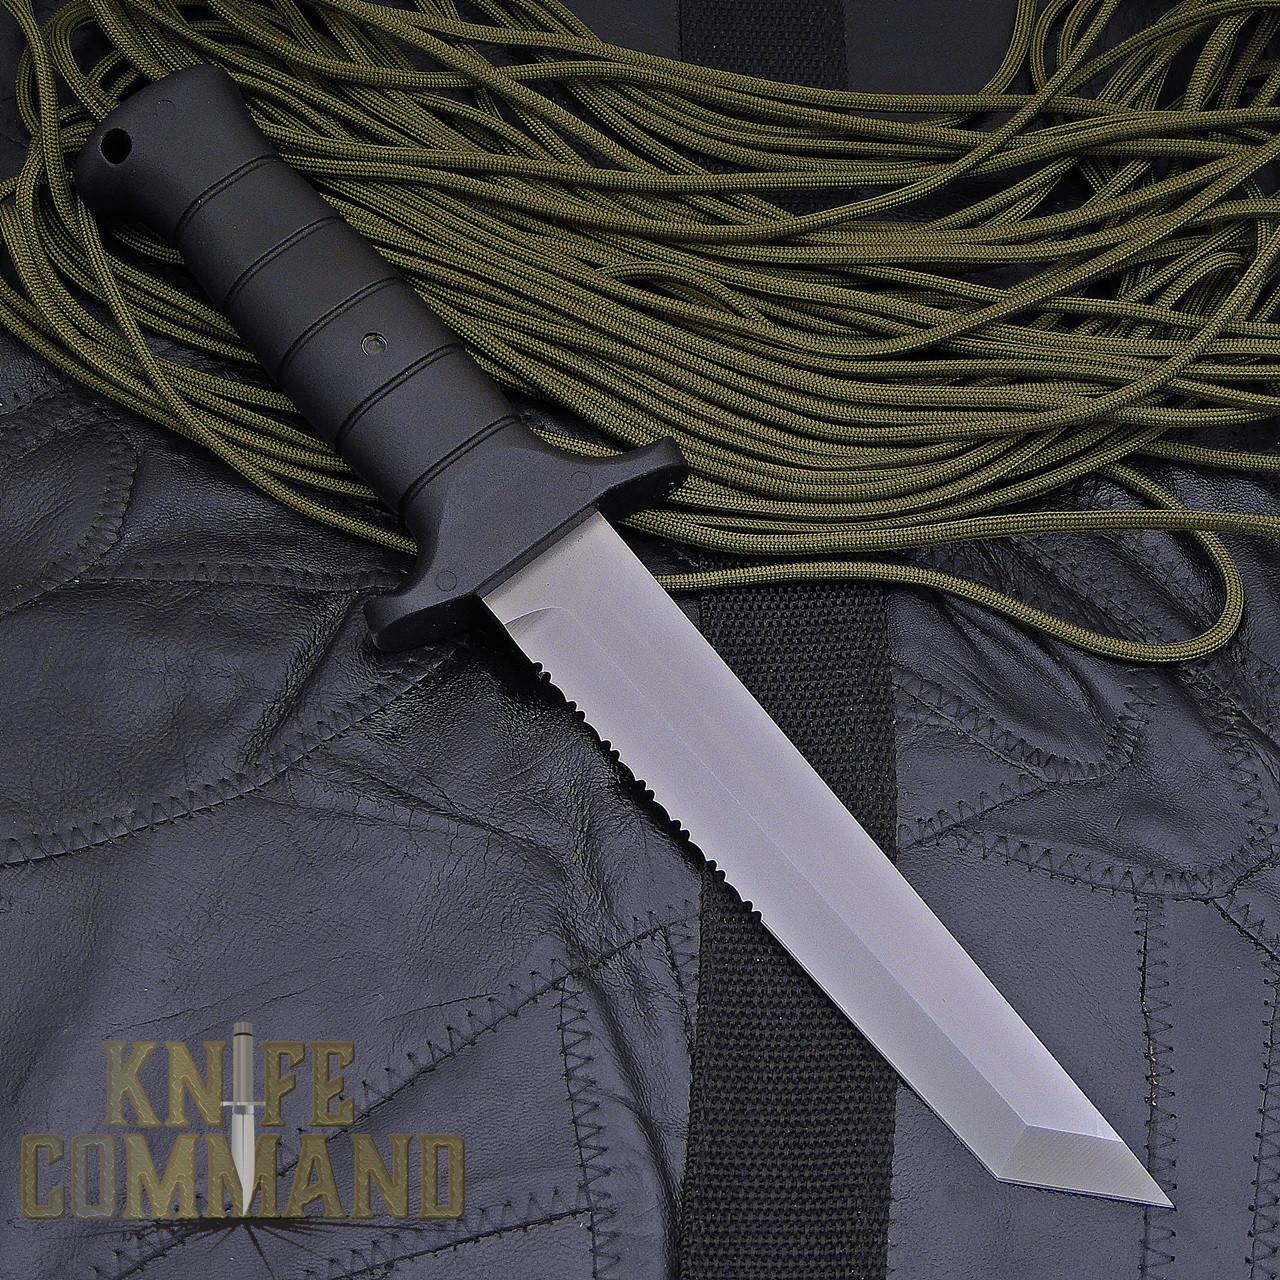 Eickhorn Solingen KM 1000 Combat Knife.  A partially serrated cutting edge.